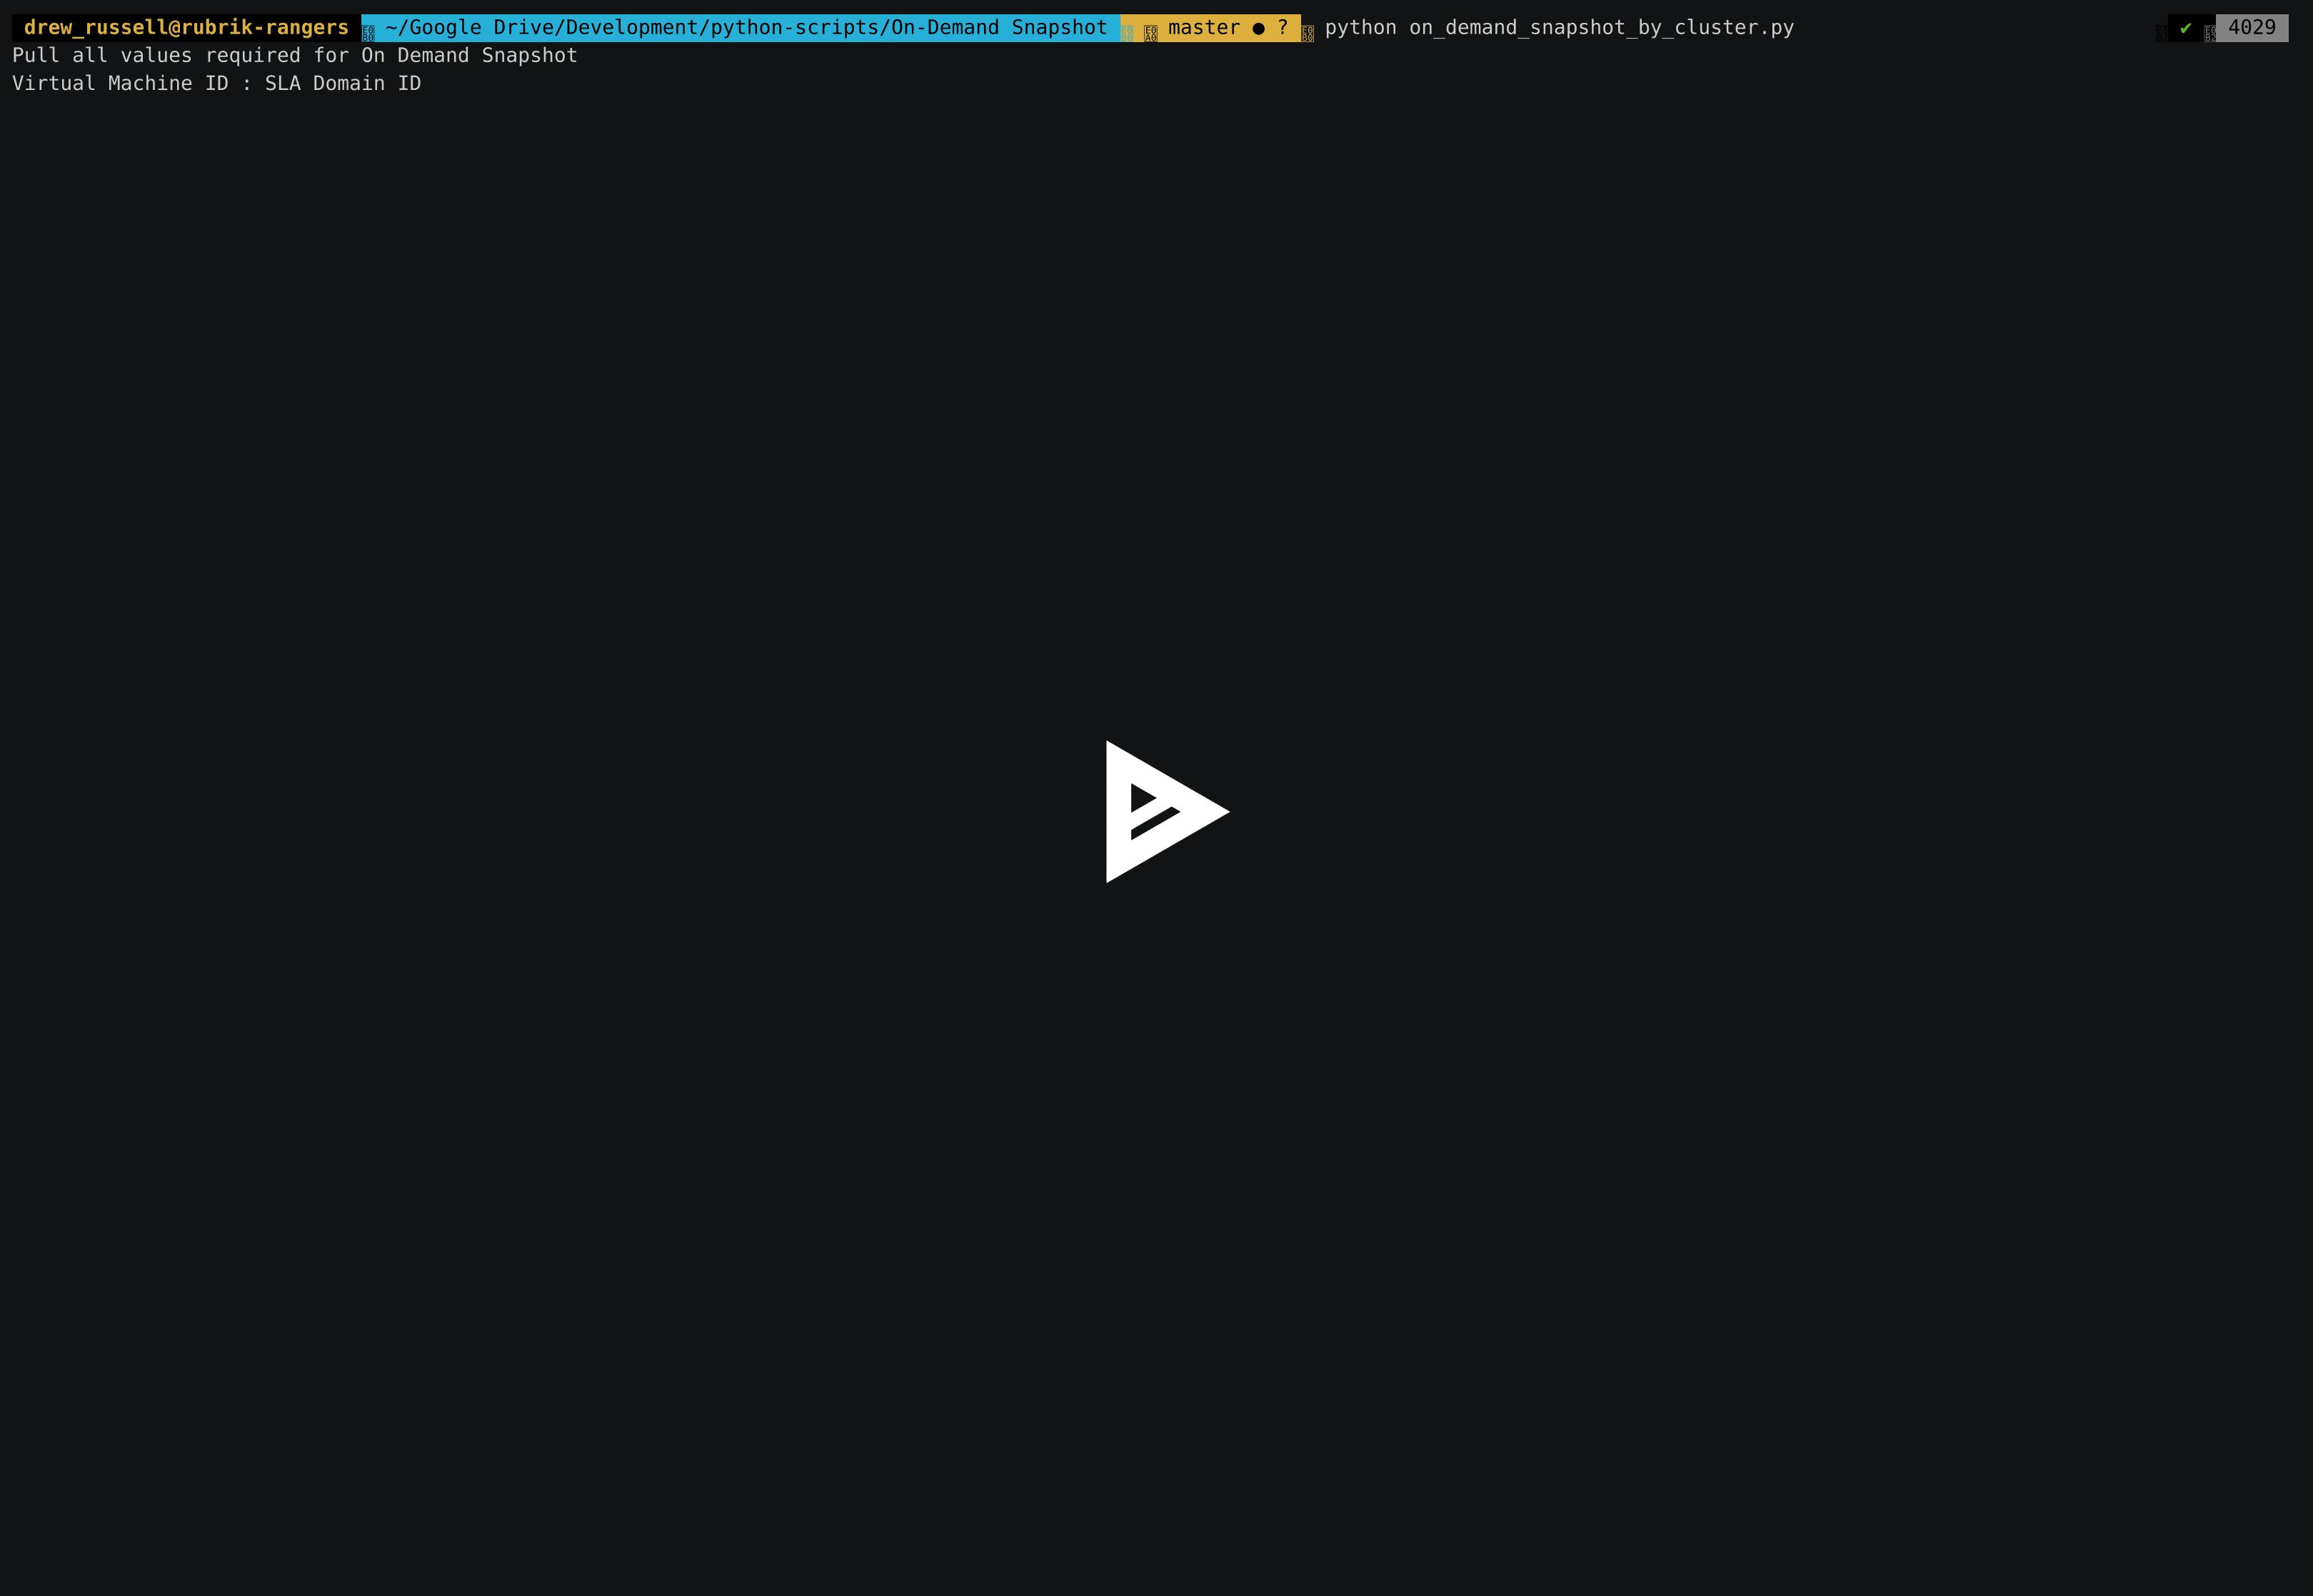 rubrik-scripts-for-python/Snapshot at master · rubrikinc